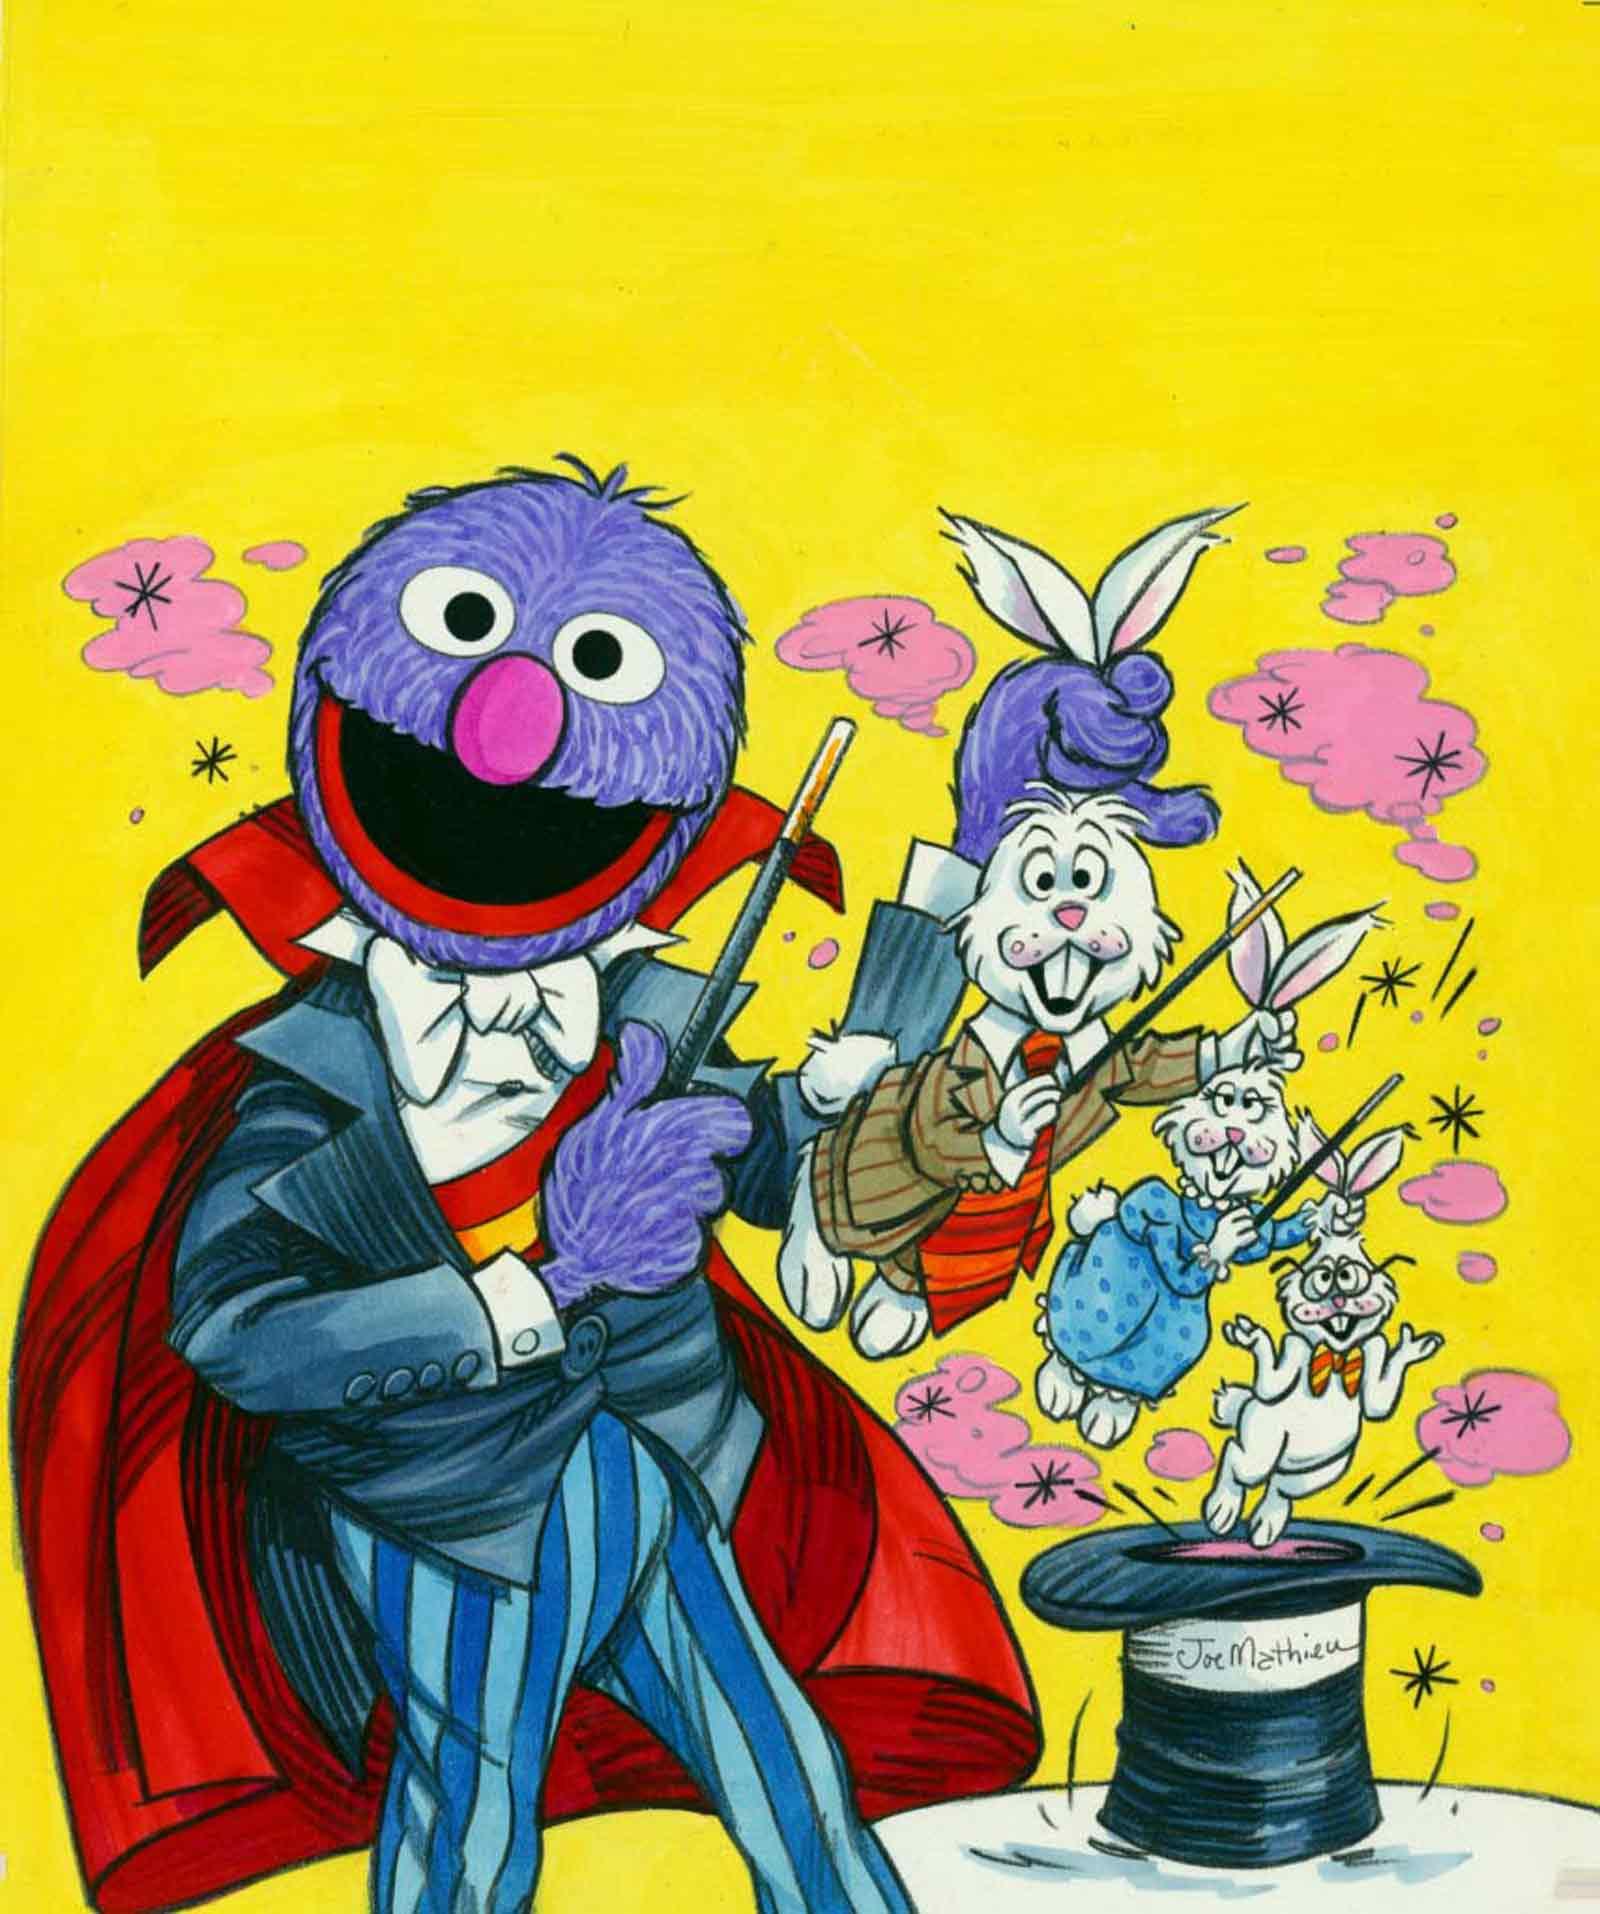 Grover the Magician